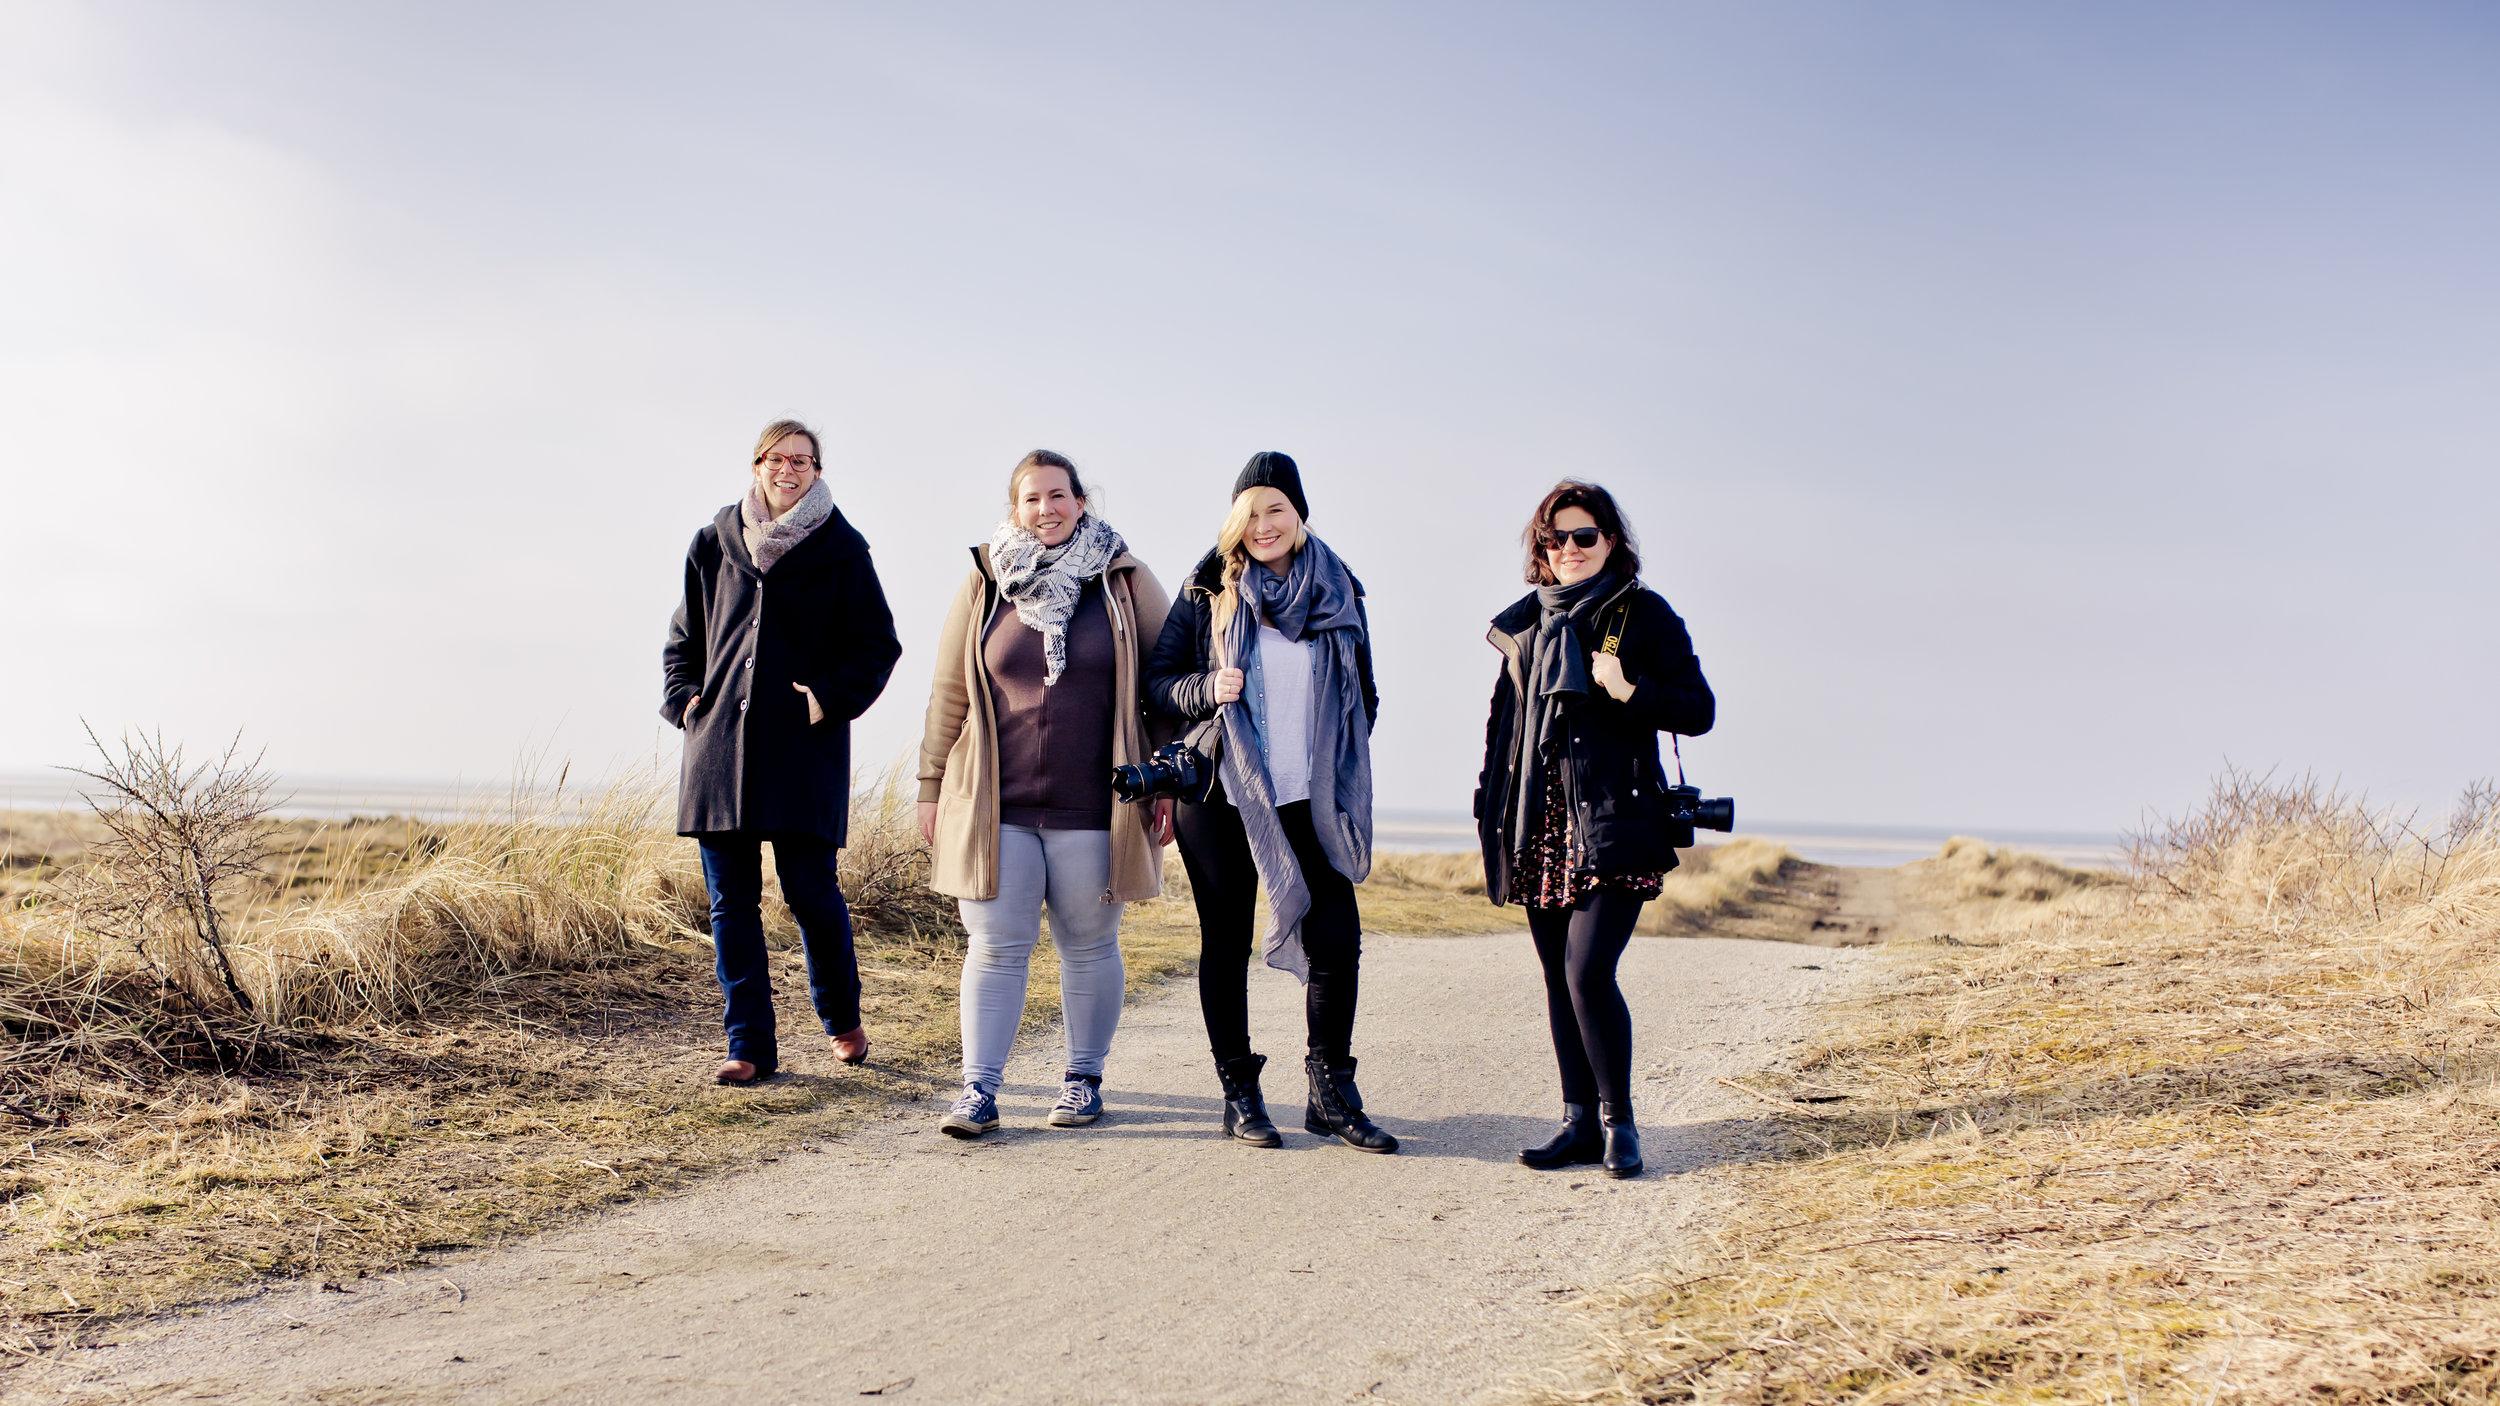 Anne Hornemann, Stefanie Lategahn, Verena Anne Ahrens & Daniela Müller